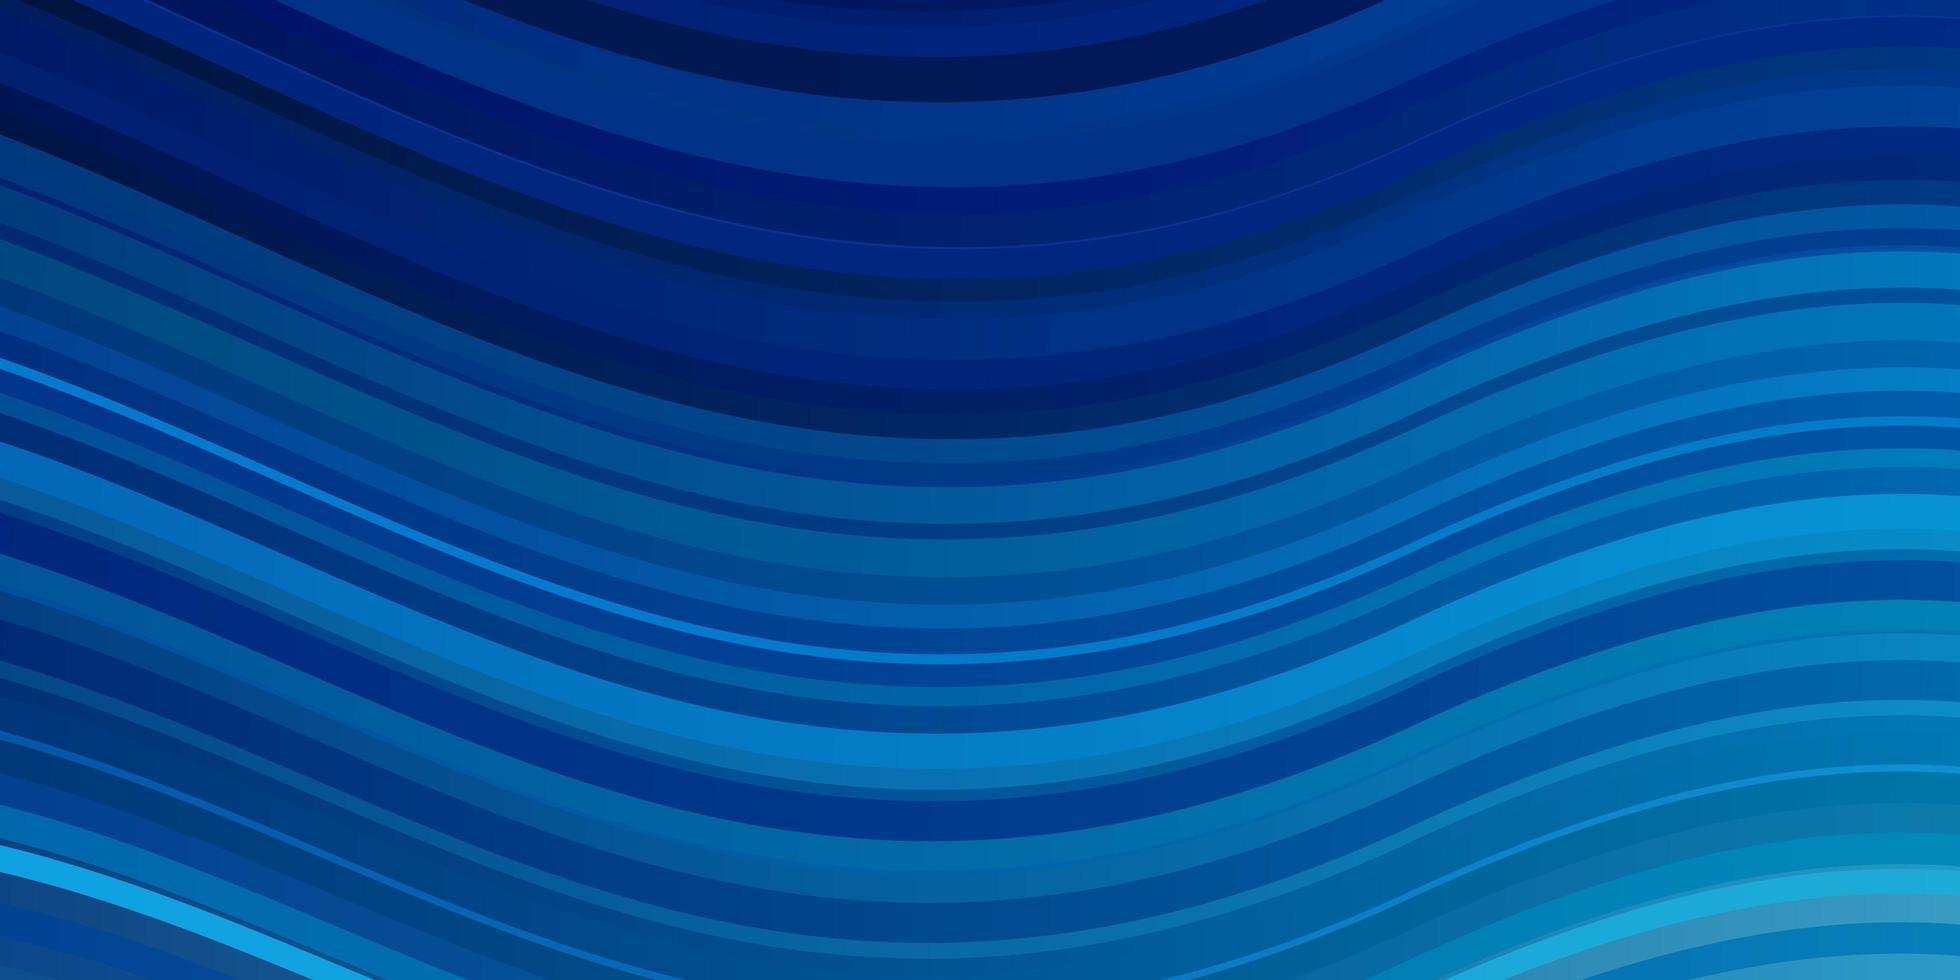 hellblaues Vektormuster mit gekrümmten Linien. vektor